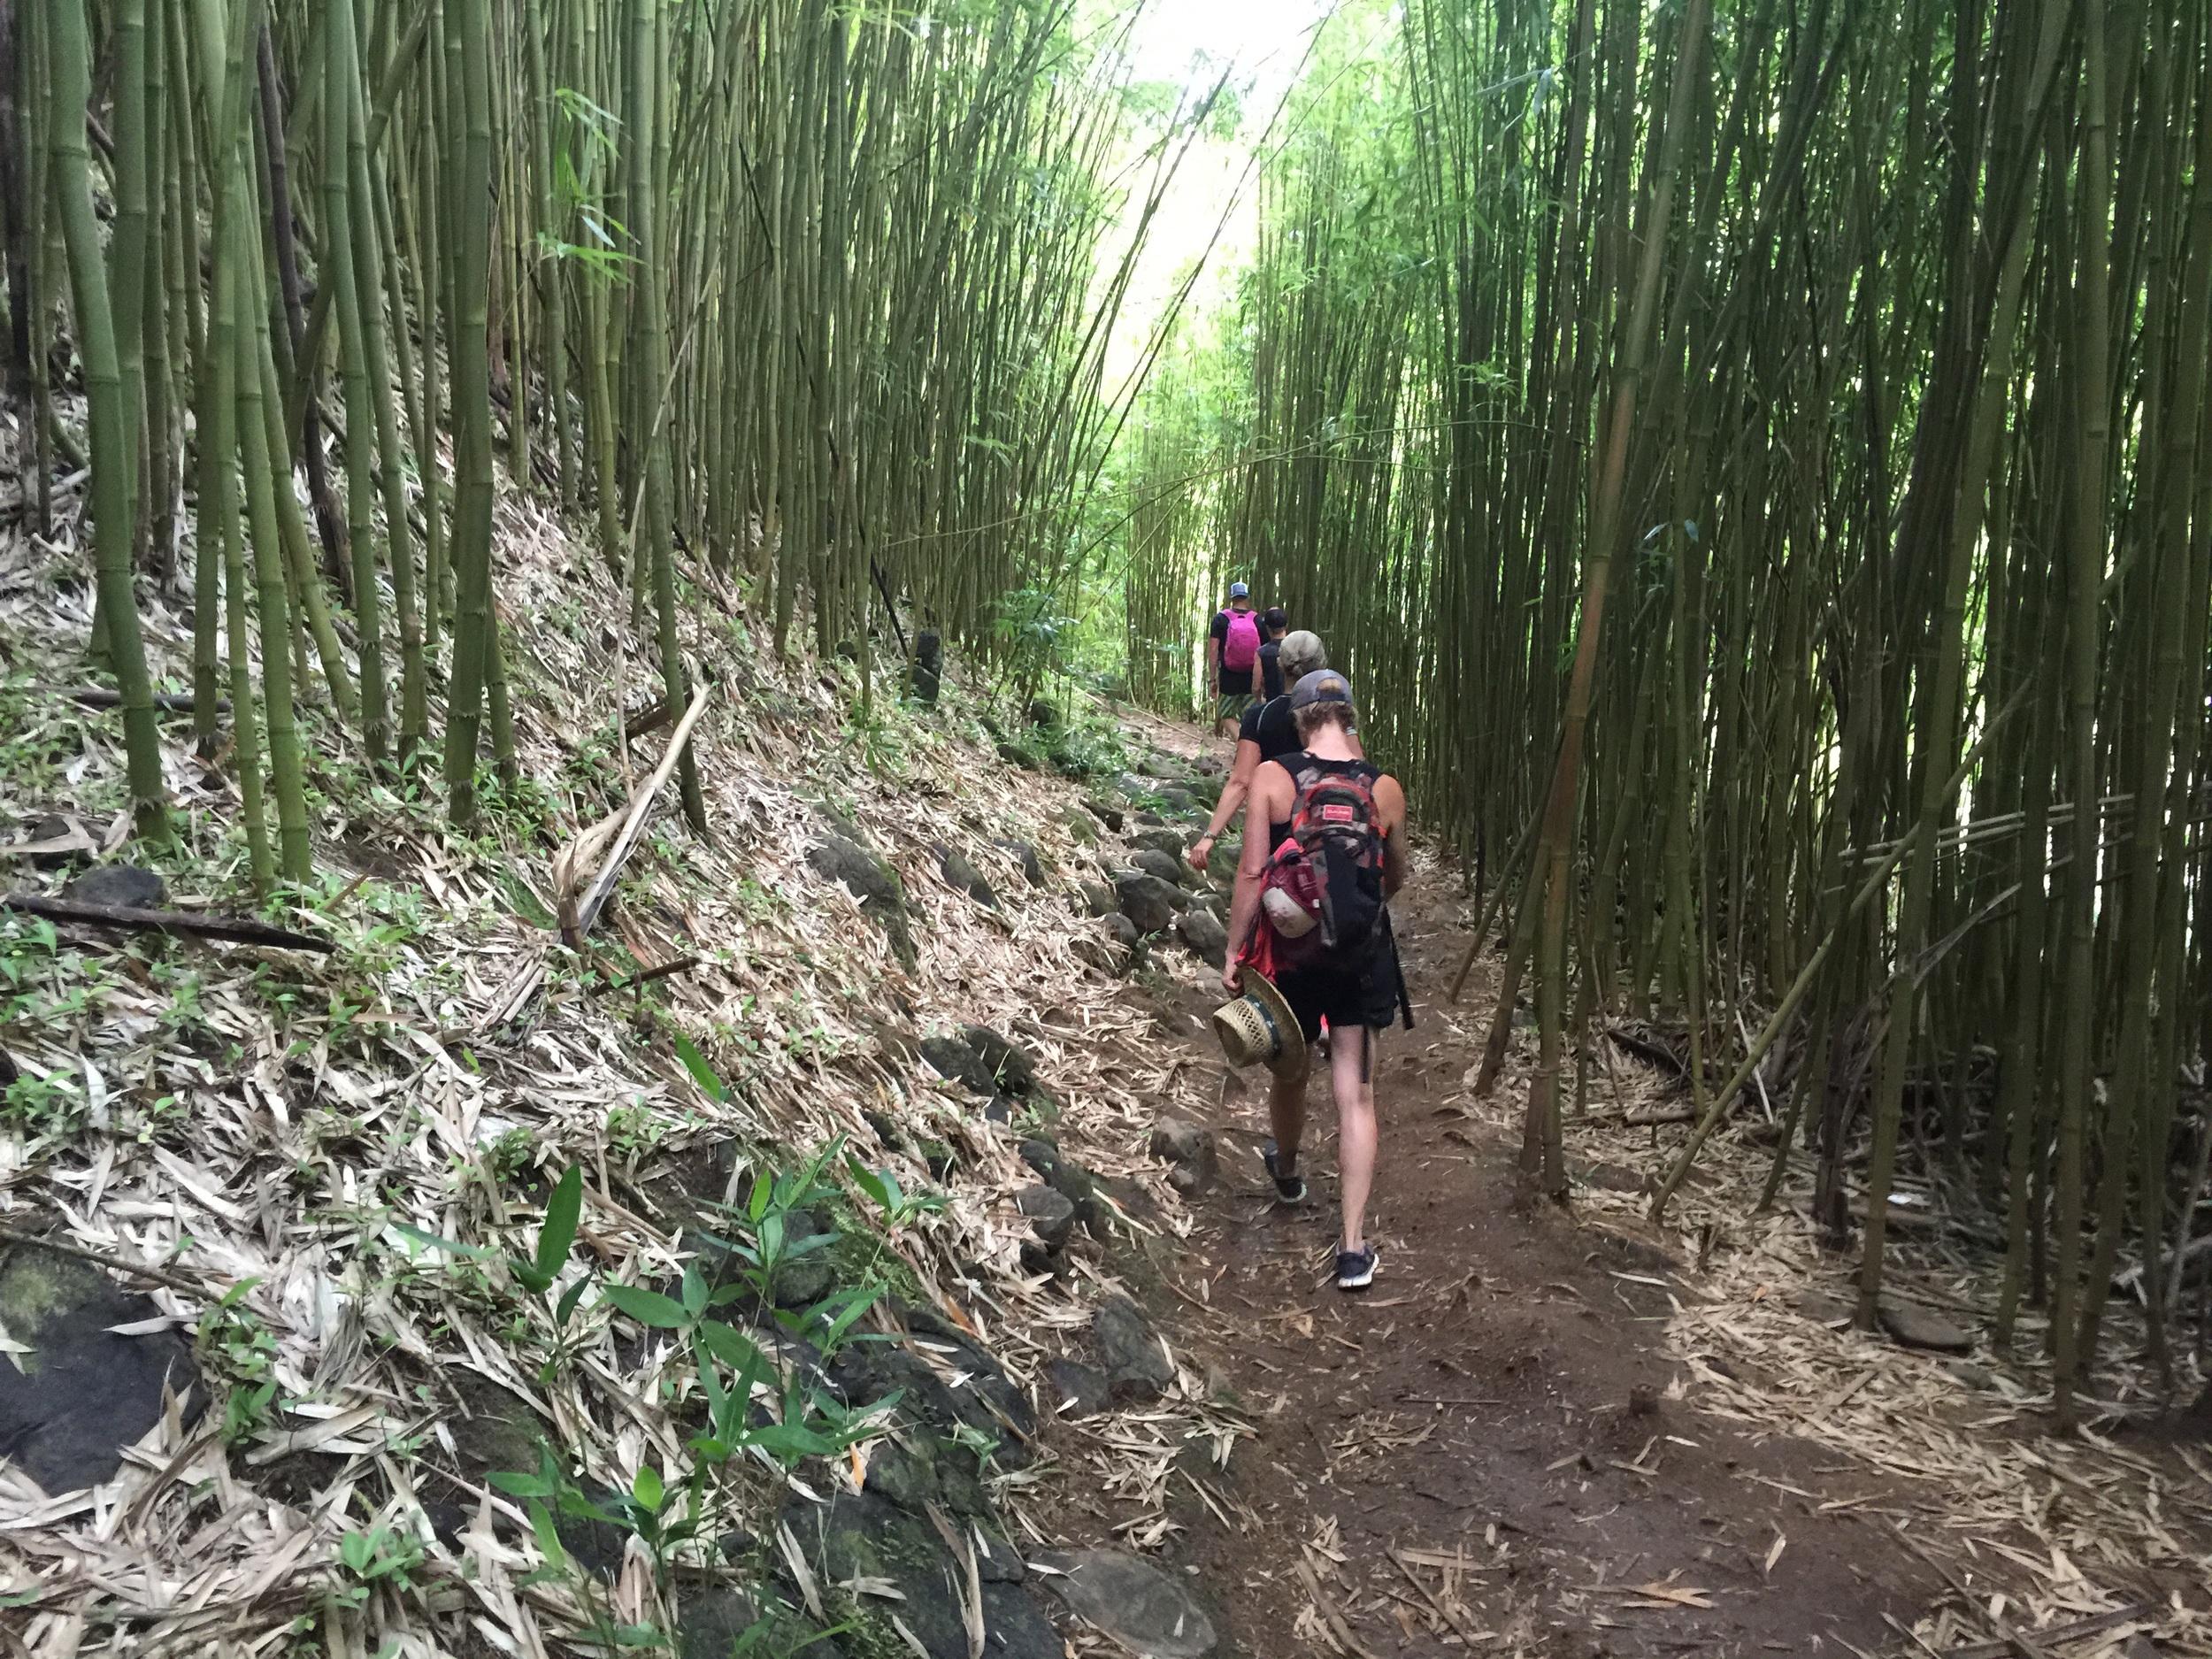 Hiking in Bamboo